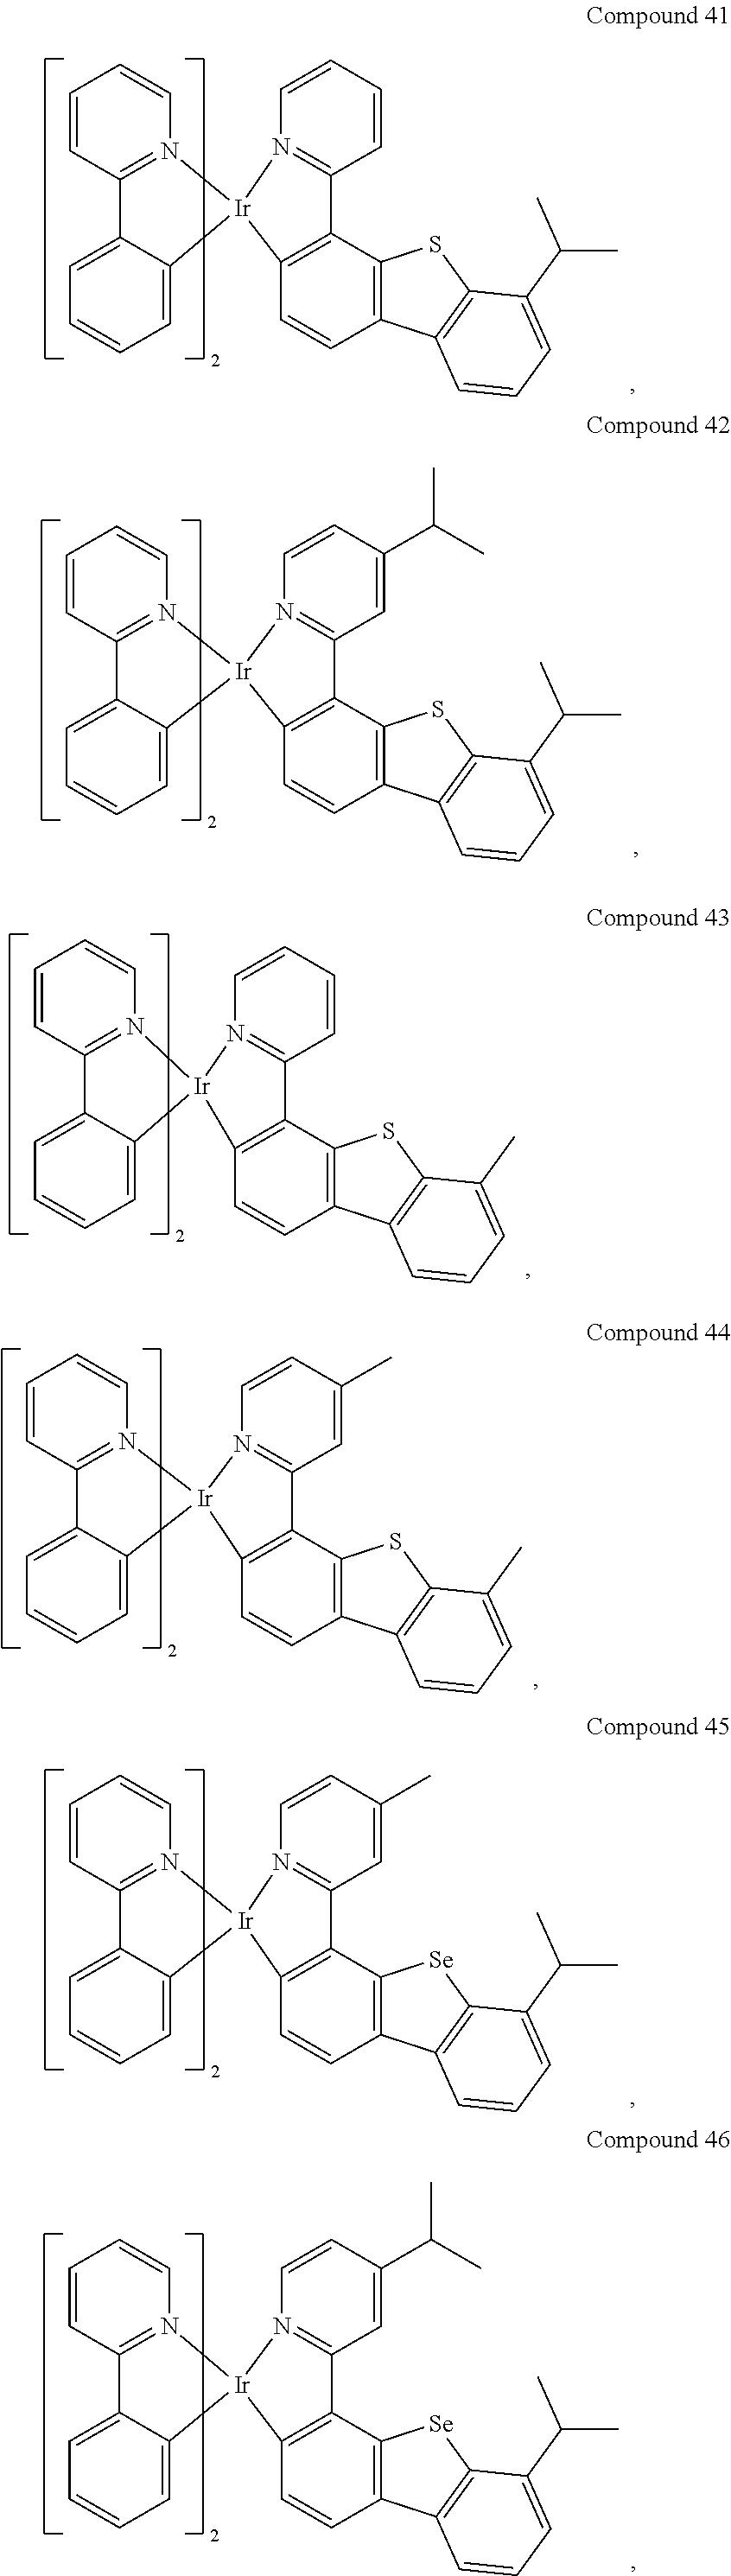 Figure US09193745-20151124-C00018